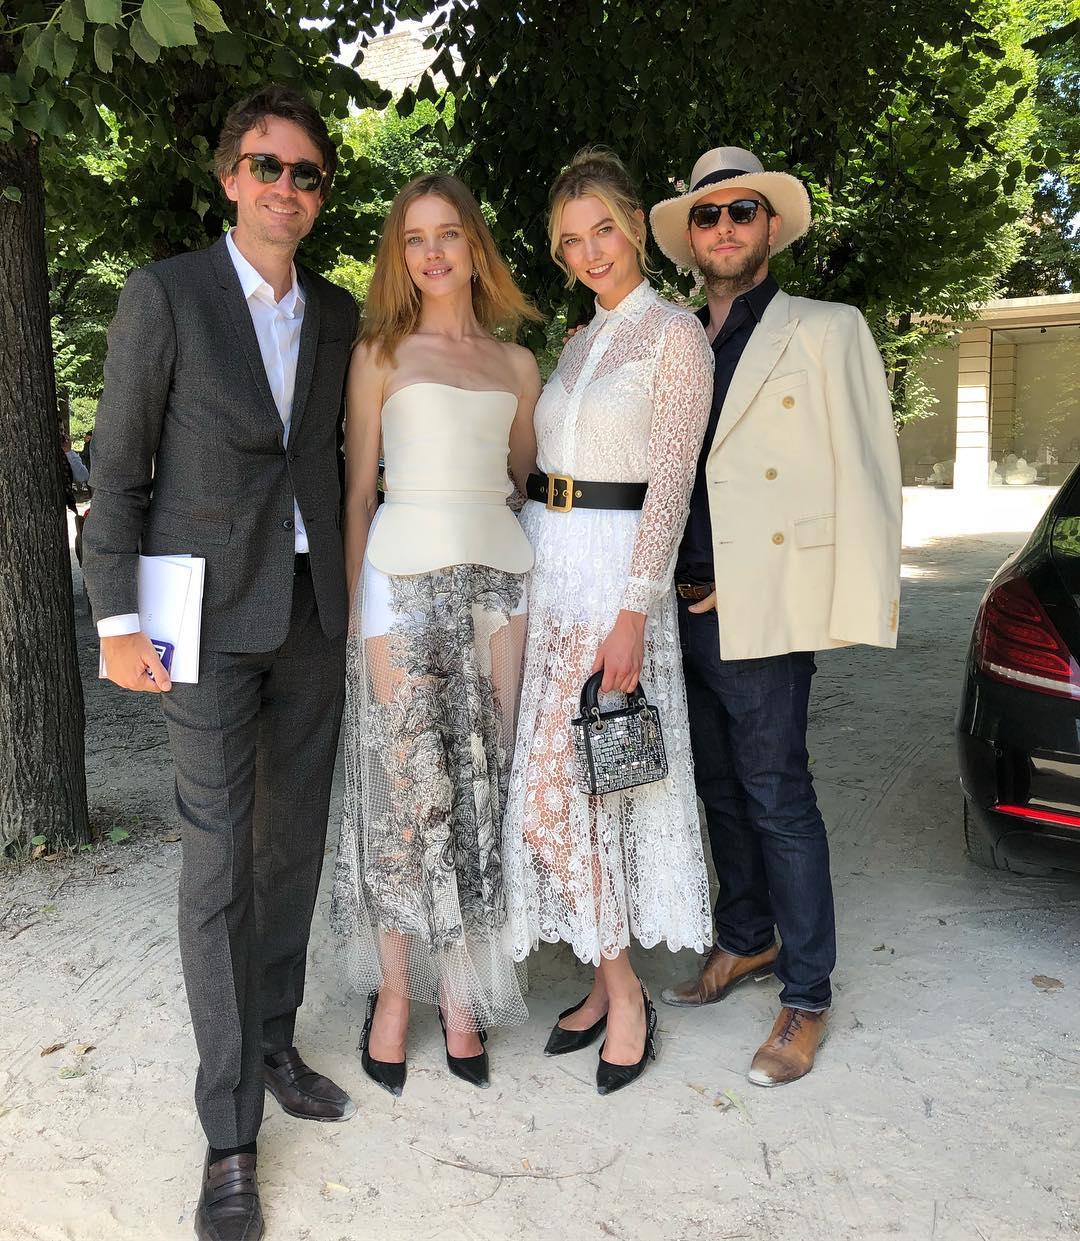 Неделя высокой моды: Водянова в прозрачных платьях с перьями затмила красотой своих 25-летних коллег